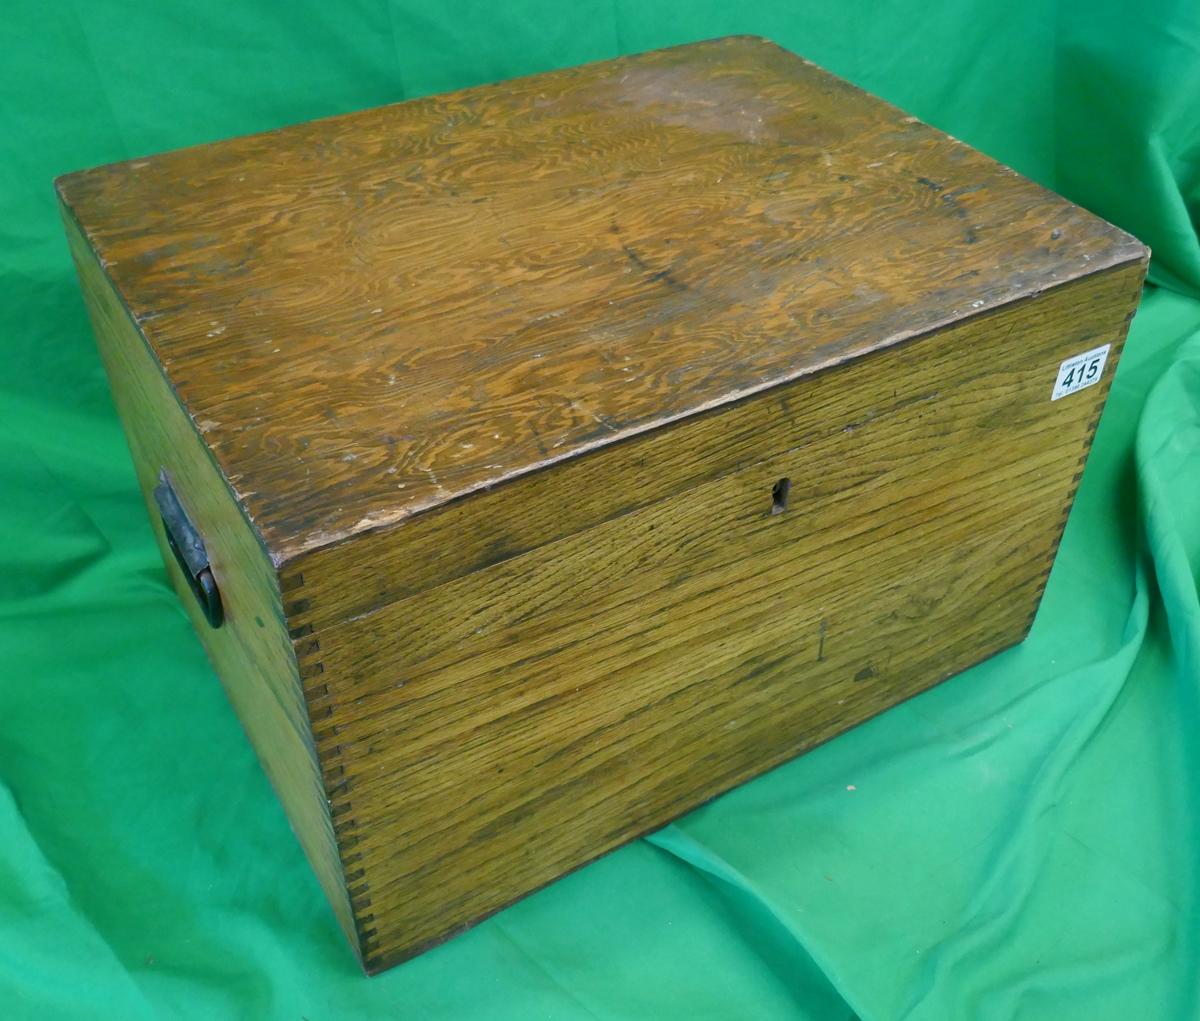 Oak lidded box - Approx W: 48cm D: 36cm H: 30cm